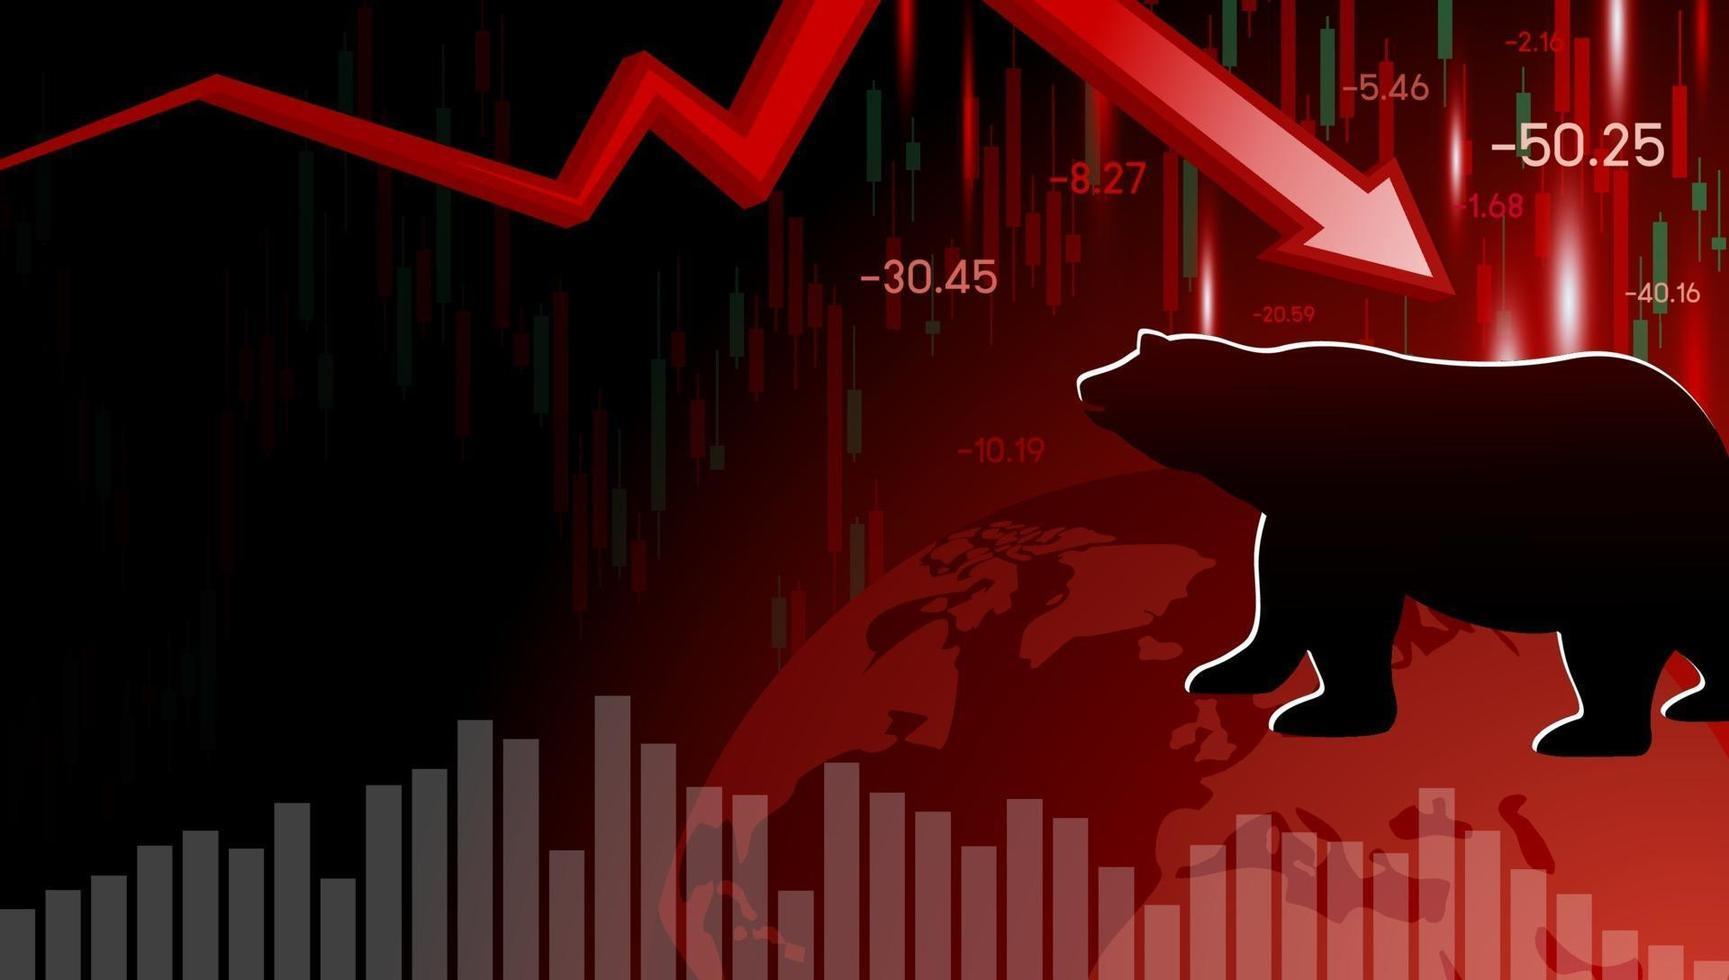 Diseño del mercado bajista de la ilustración de vector de crisis económica